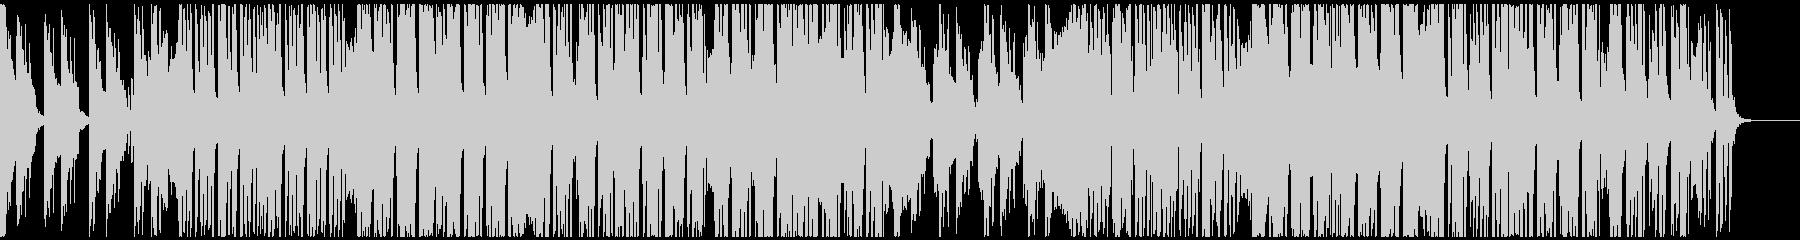 軽快で伸びのあるシンセのオシャレなEDMの未再生の波形